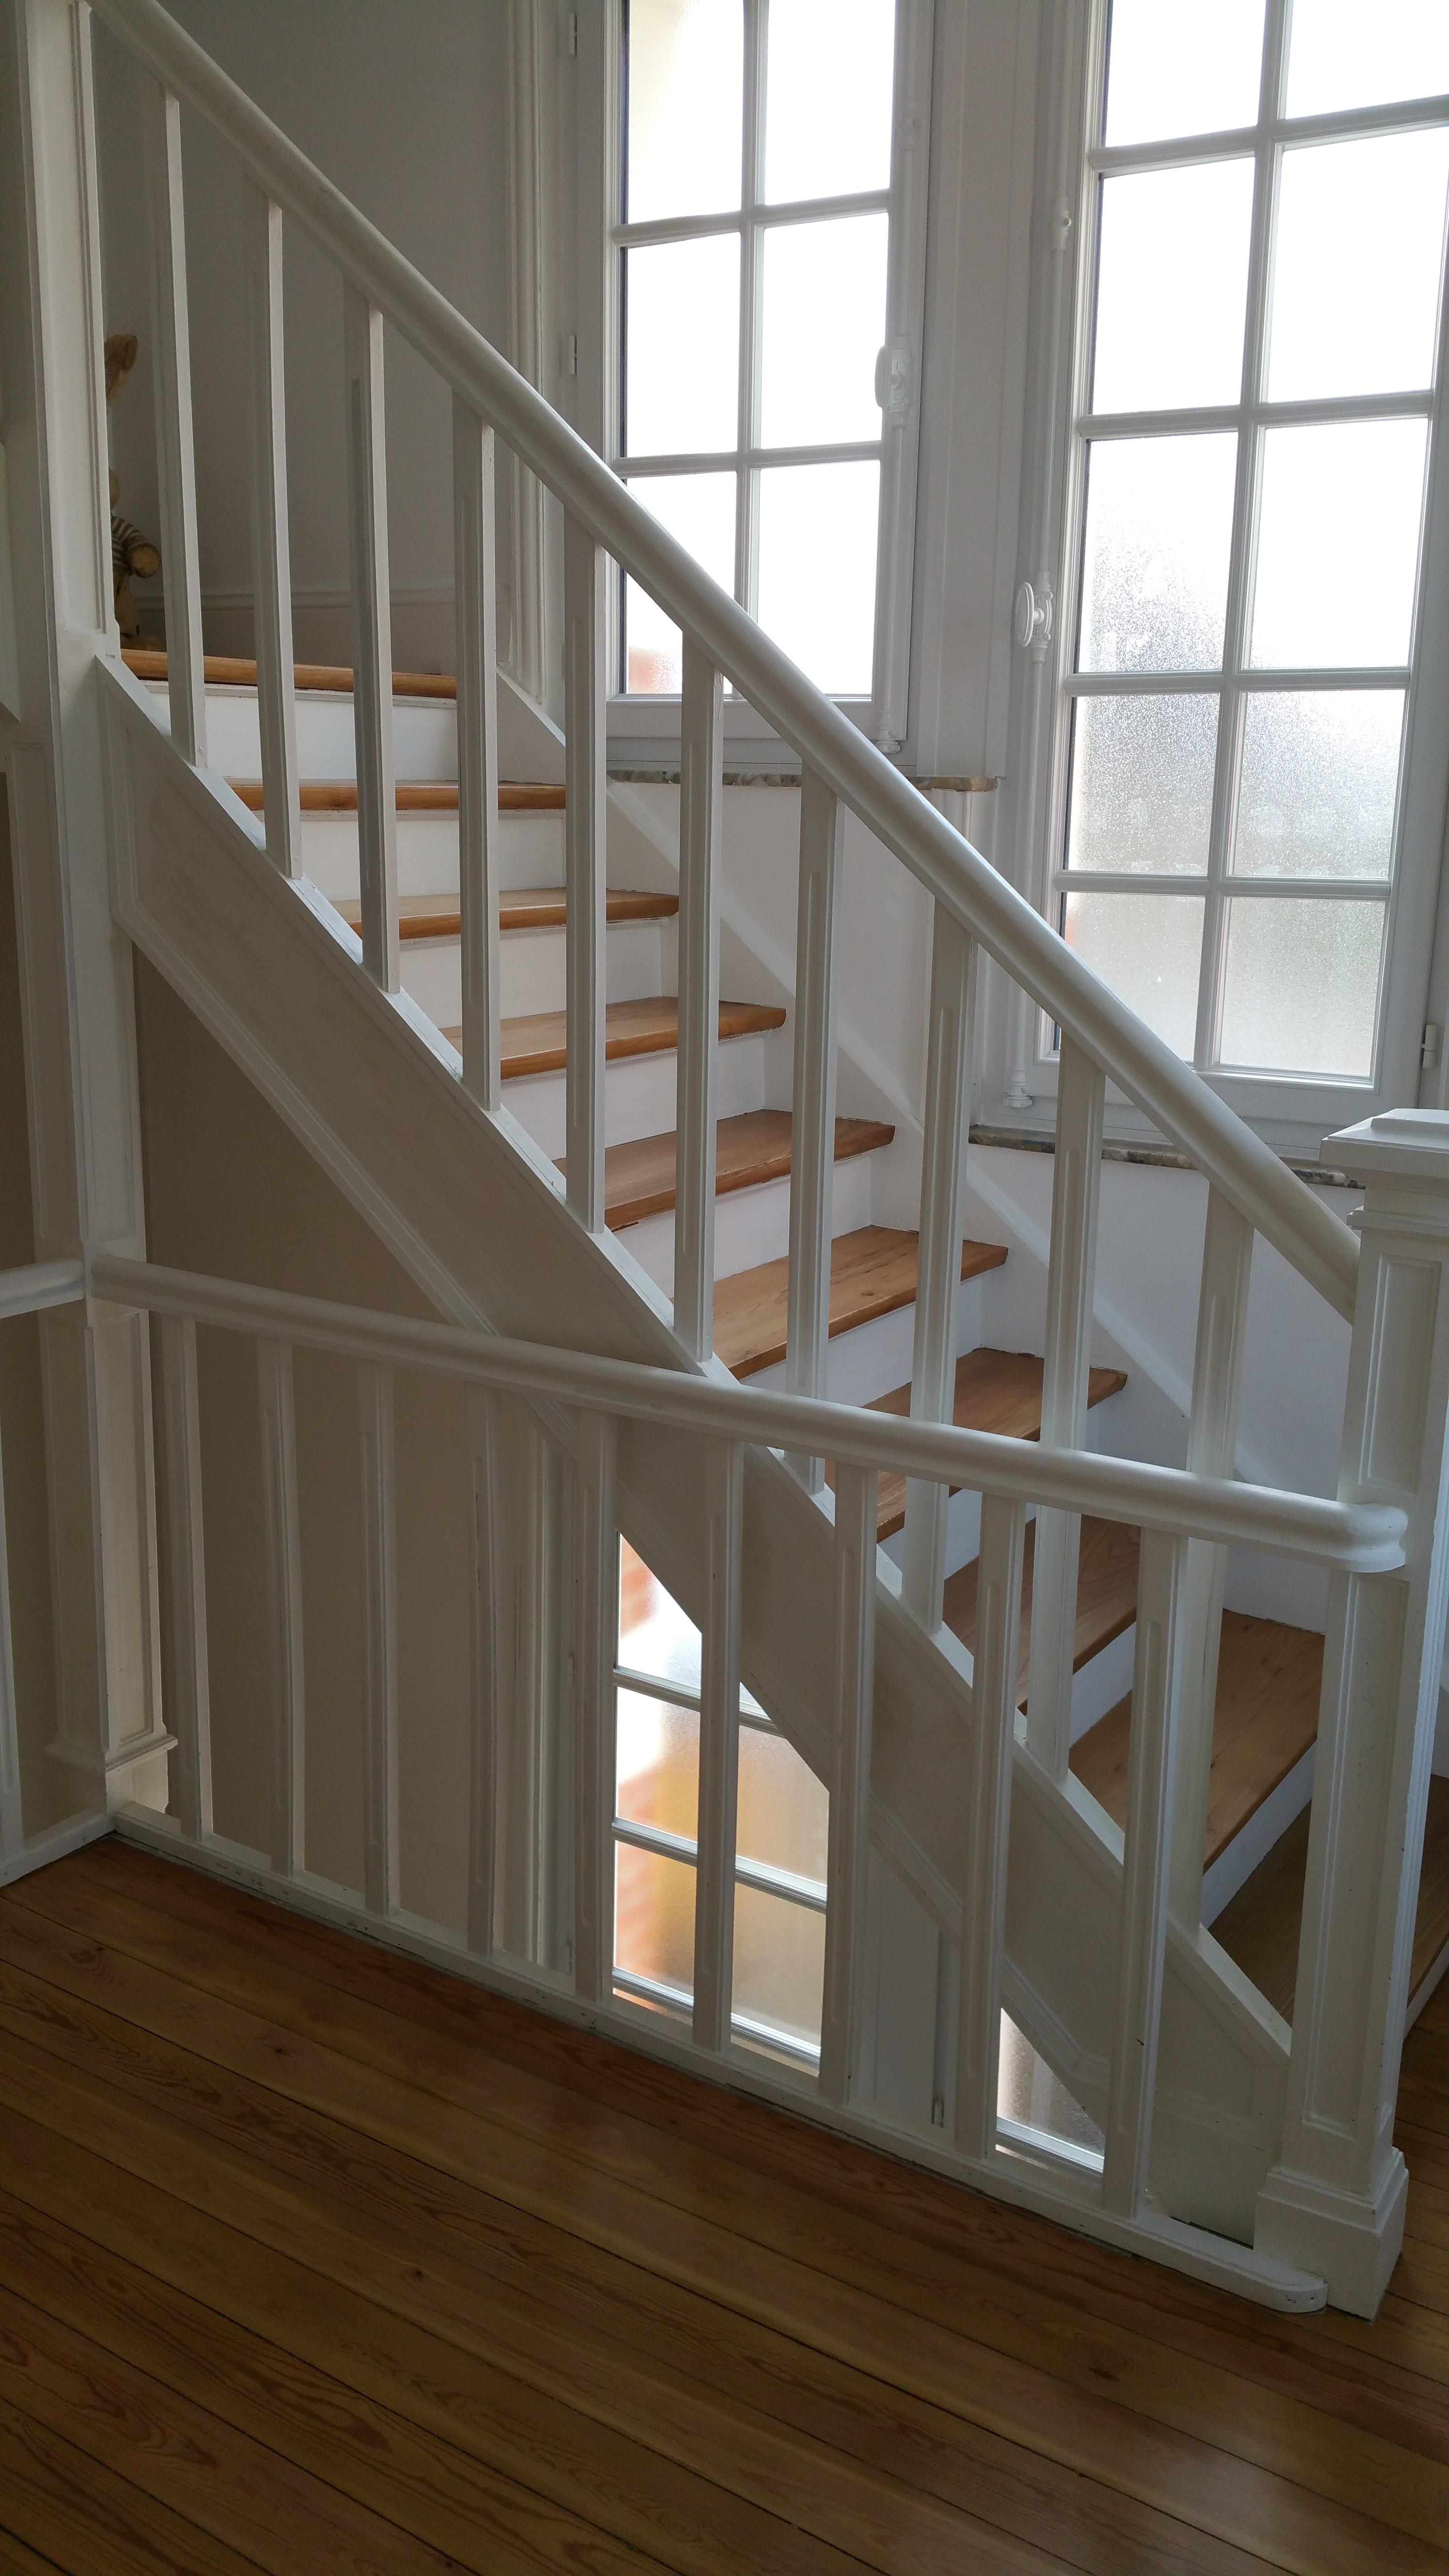 Renovation Escalier Nord Pas De Calais rénovation d'escalier à valenciennes, lille et cambrai